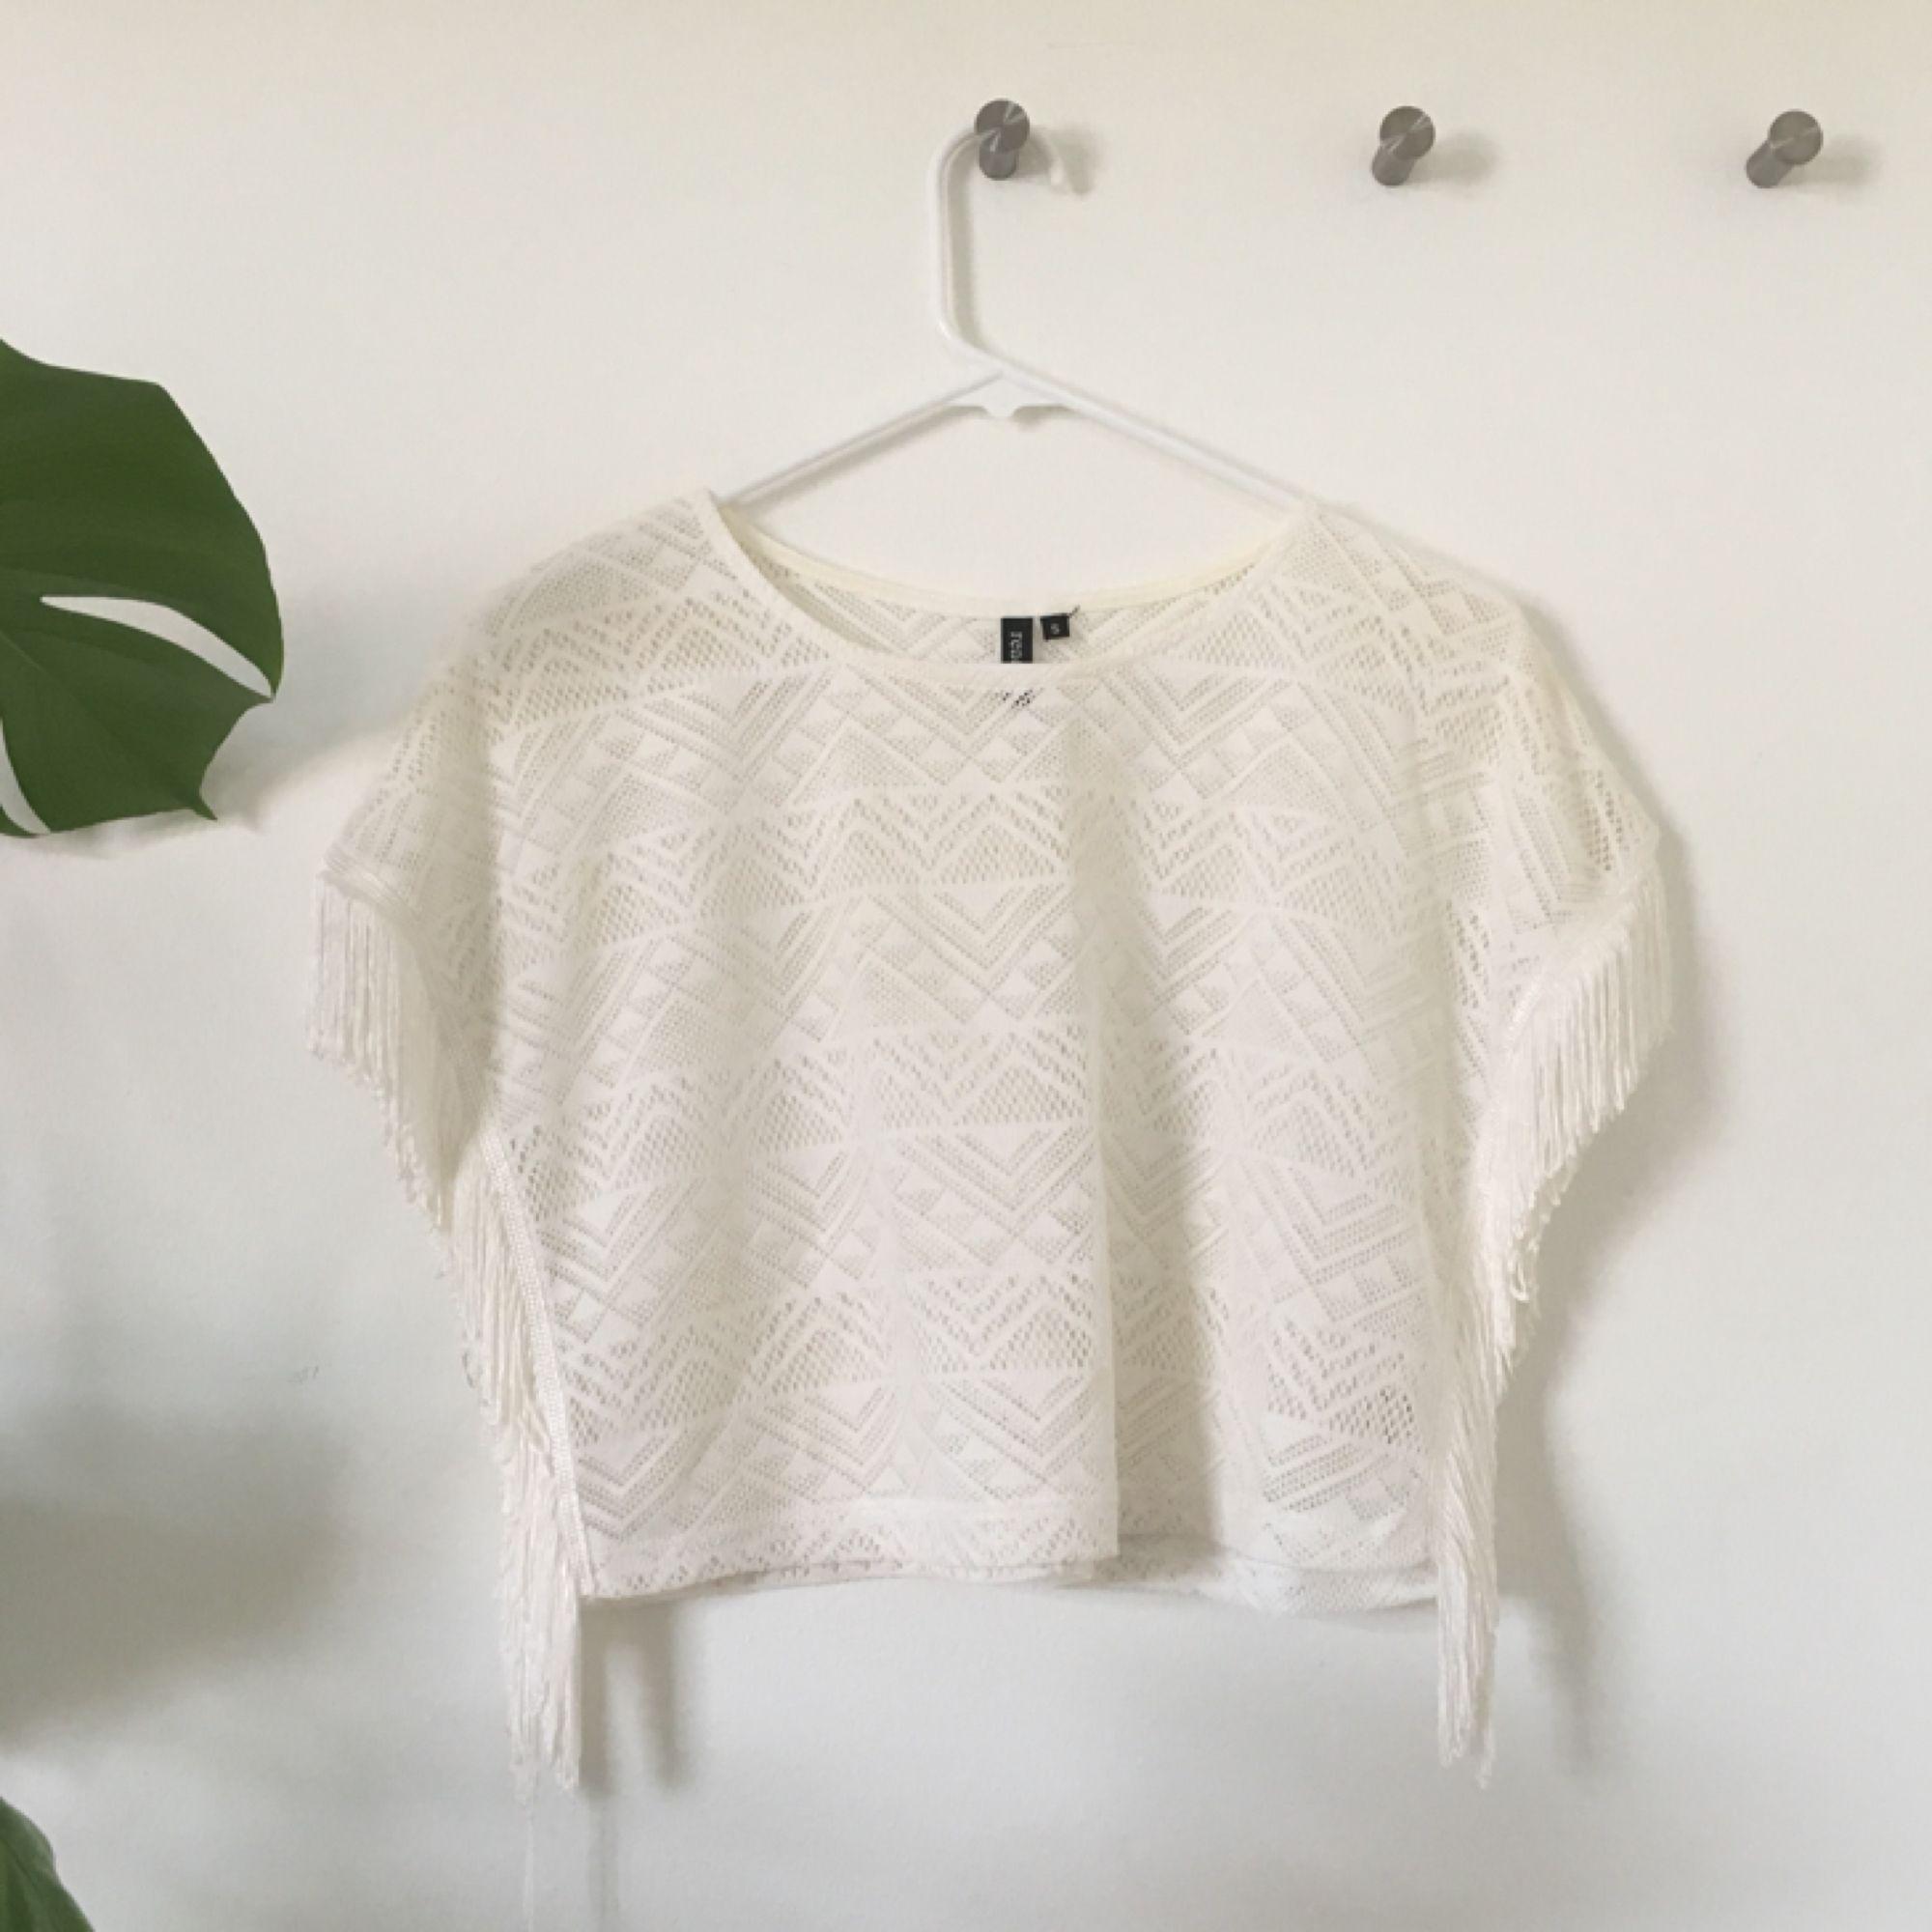 Köpt på en affär som skulle stänga, har inte kommit till användning tyvärr  ~frakt 20kr. Skjortor.